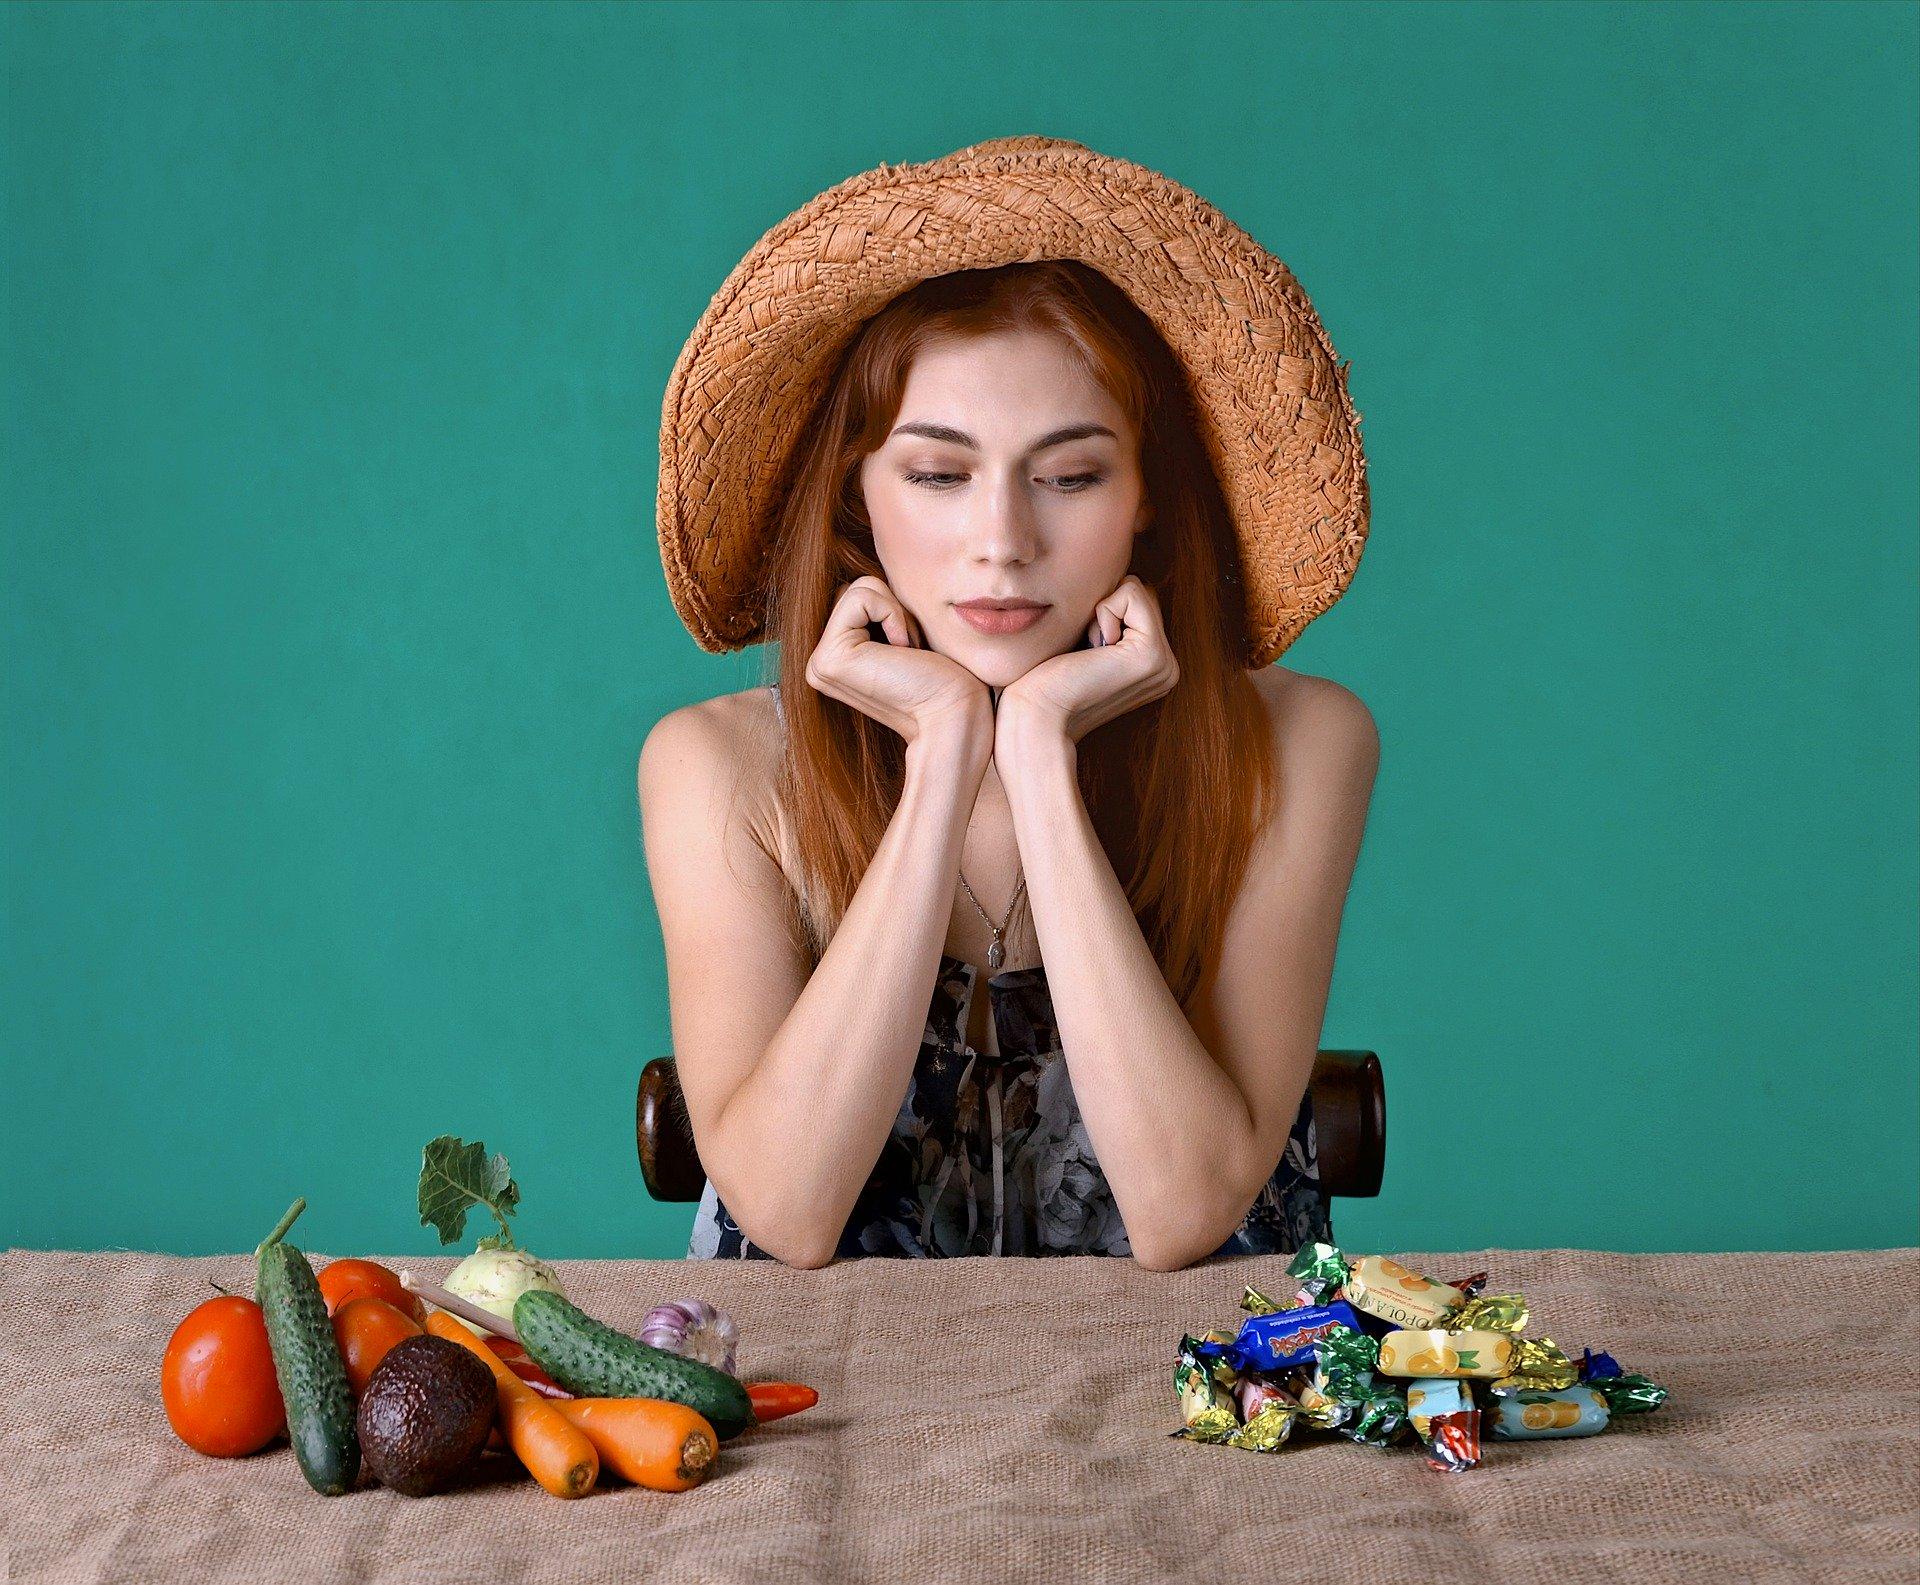 Można schudnąć nie jedząc słodyczy? - sunela.eu -